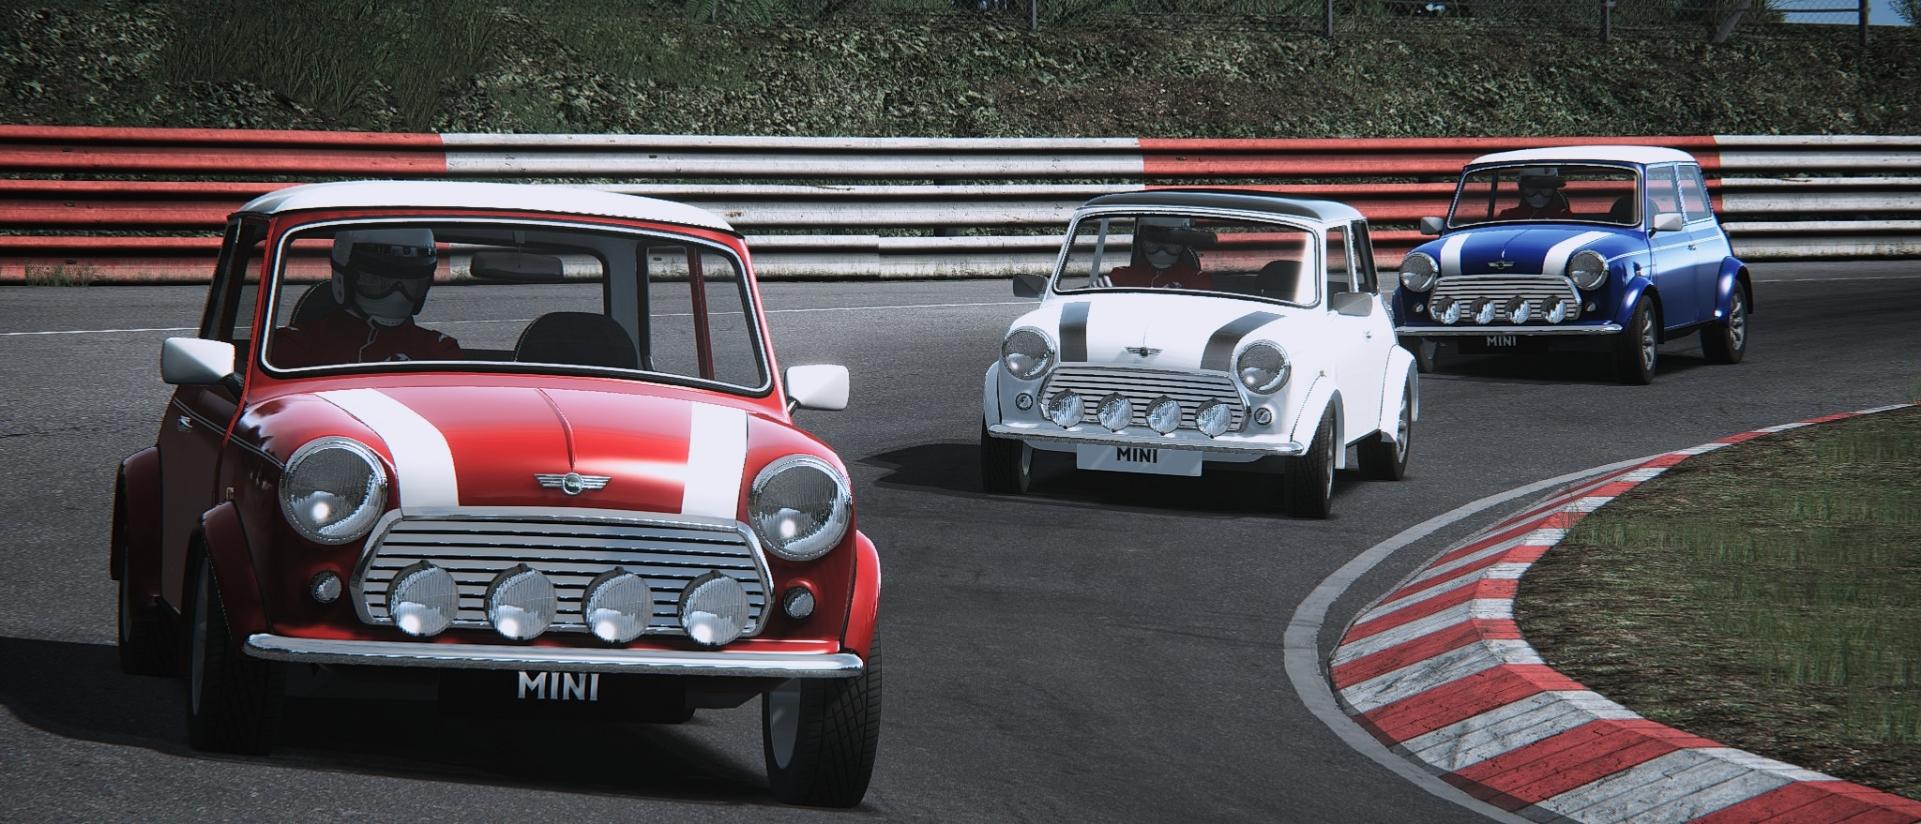 Assetto Corsa - Mini Cooper 1.3 Green Hell 01